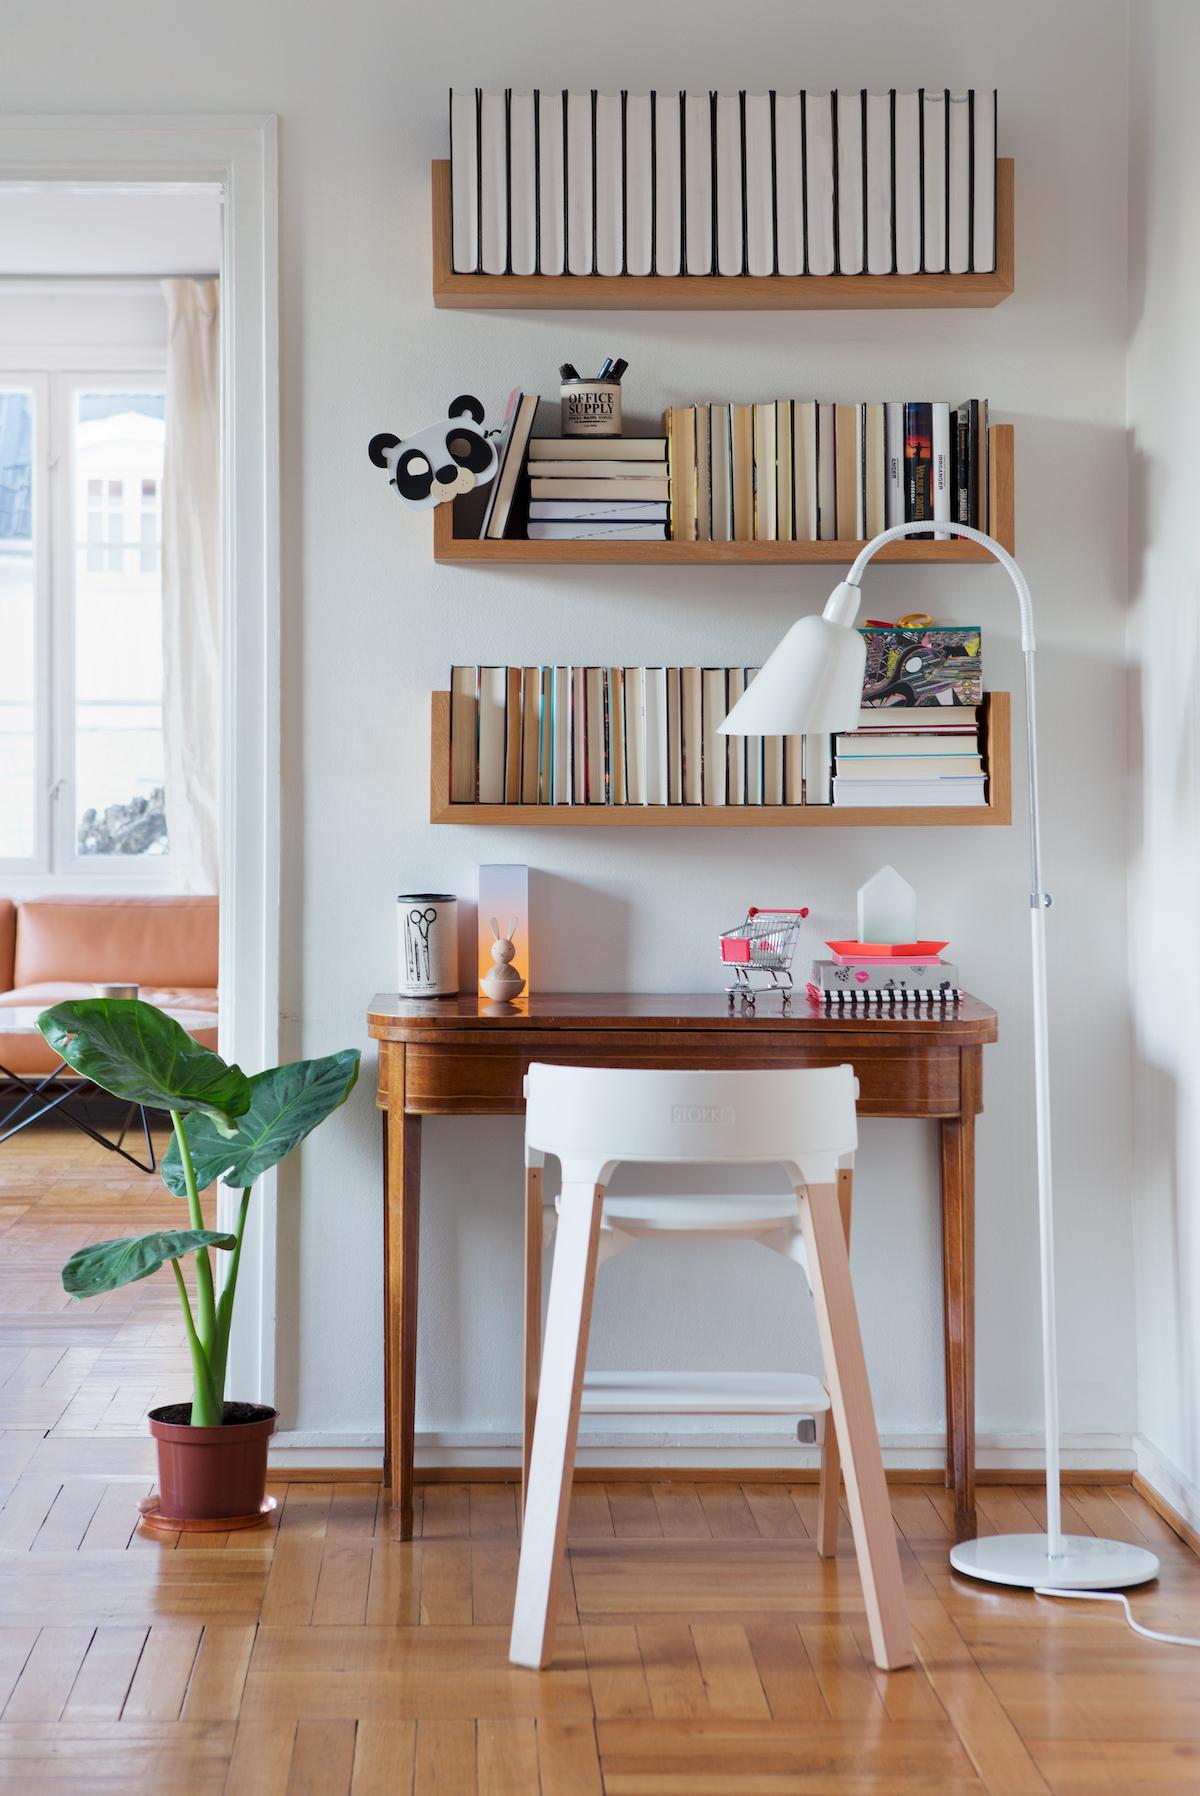 bureau faible profondeur bois décoration éclectique esprit vintage étagère en bois - blog déco - clem around the corner